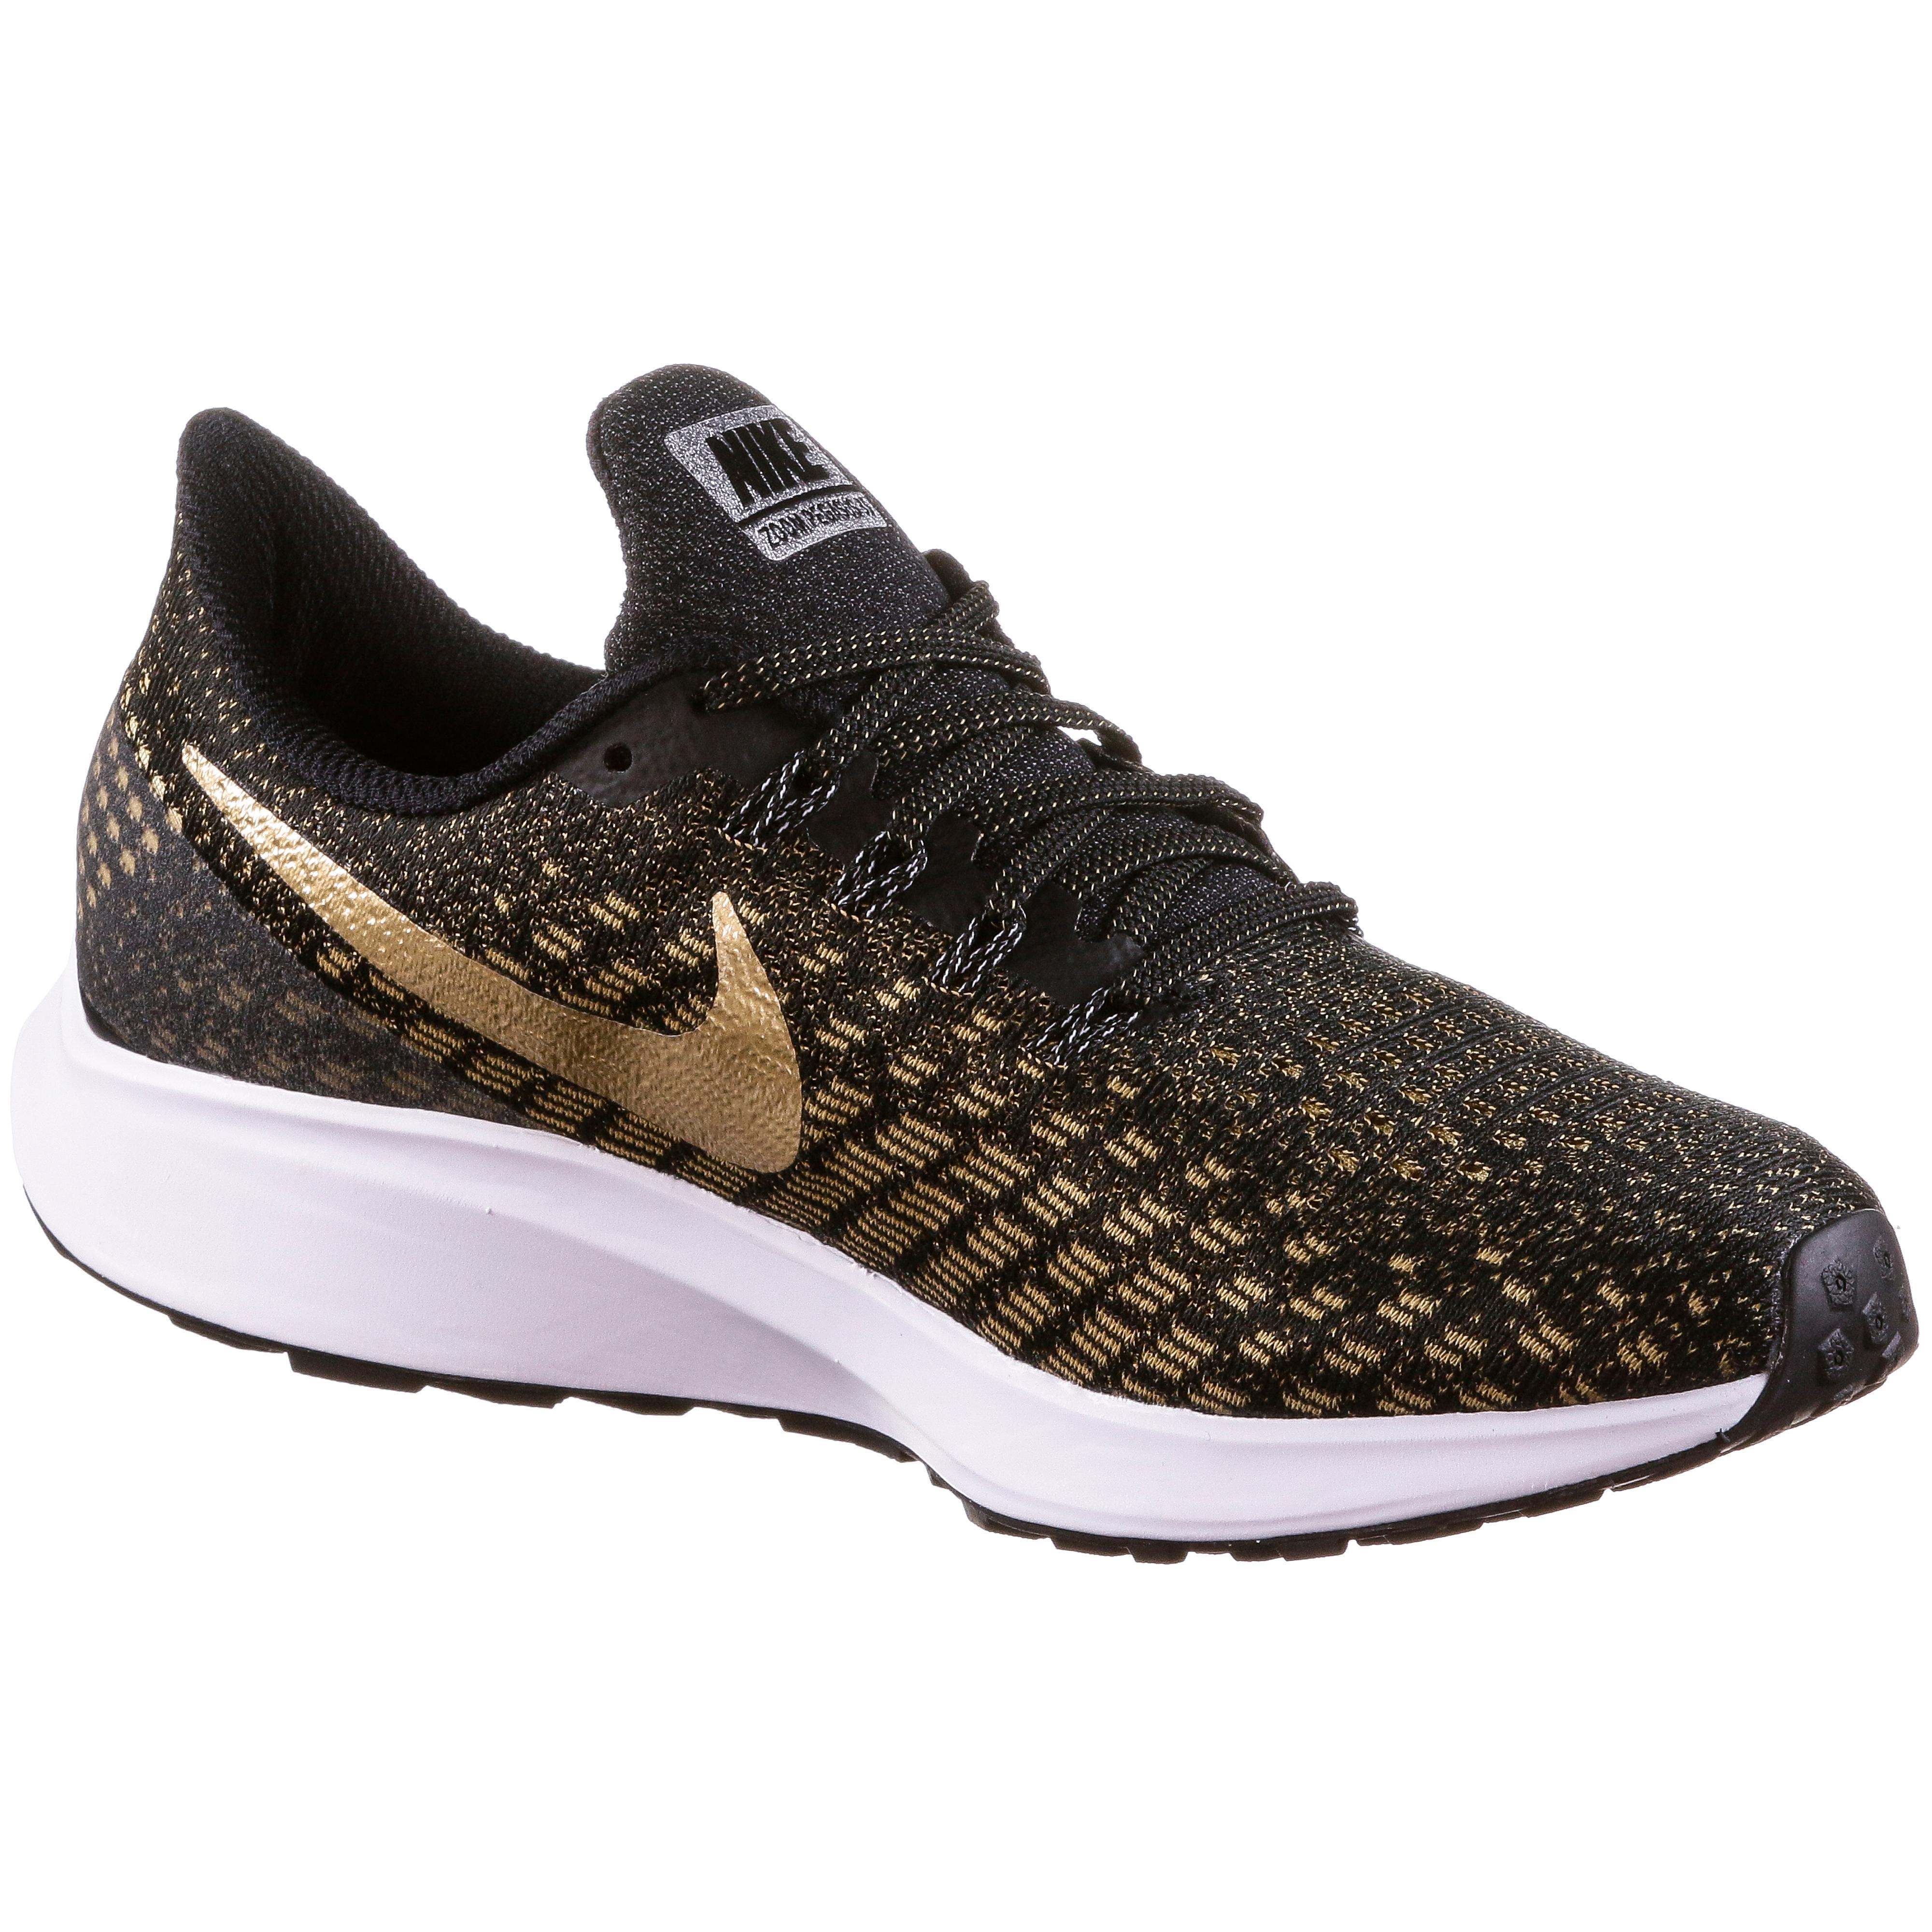 Nike Air Zoom Pegasus 35 Laufschuhe Damen Damen Damen schwarz-metallic-platinum-wheat-Gold im Online Shop von SportScheck kaufen Gute Qualität beliebte Schuhe 05e55a